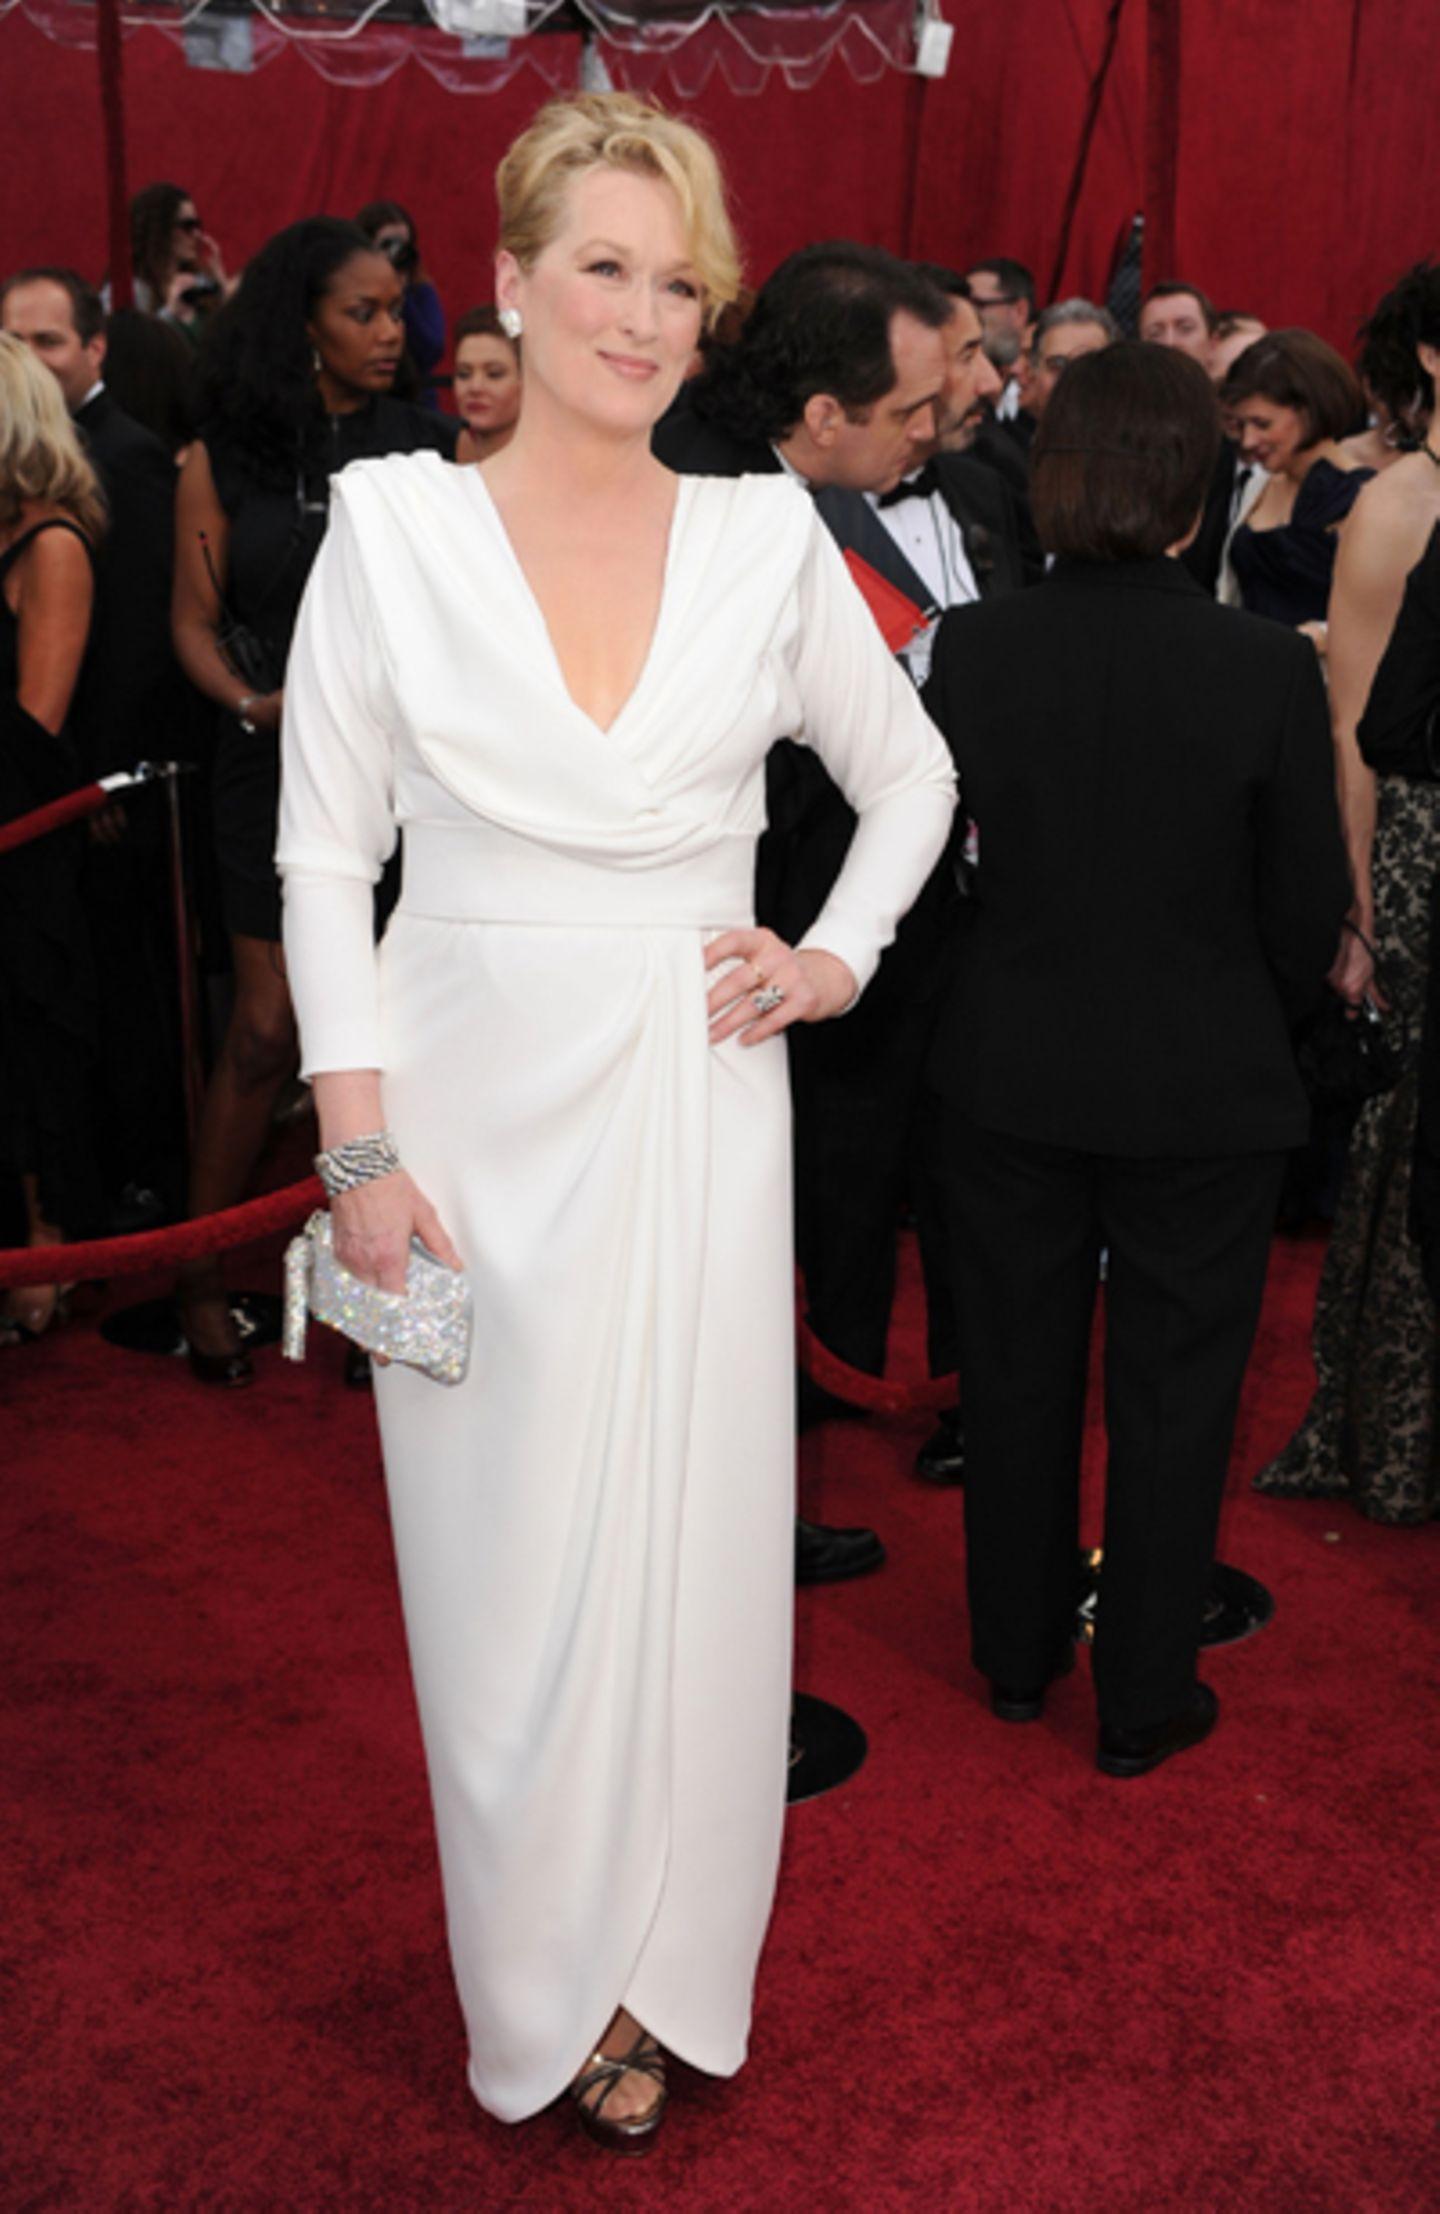 Meryl Streep Mit frisch blondierter Hochsteckfrisur und Diamantohrringen strahlte die 60-jährige zufrieden in die Kameras und bewies, dass Schönheit keine Frage des Alters ist. Und falls doch, dass wahre Ausstrahlung erst mit dem Alter kommt. Lässig schick mutete ihr weißes Kleid mit Wasserfall-Revers und langen Ärmelnan. Silberschmuck und zierliche Sandaletten dazu - fertig ist der Oscars-Look.